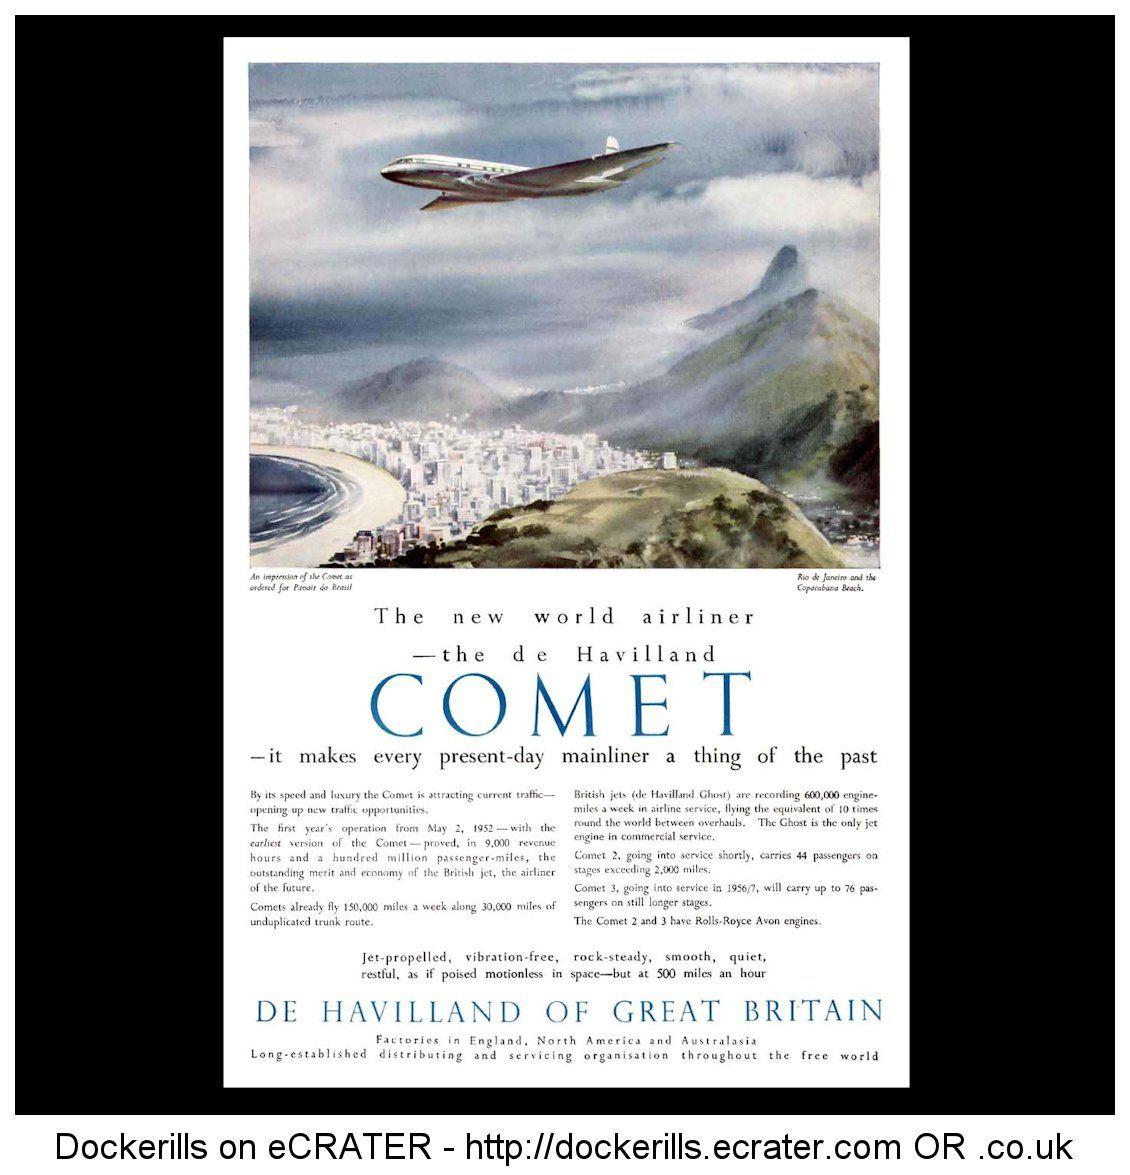 De Havilland Comet Advert  From the Sphere Magazine